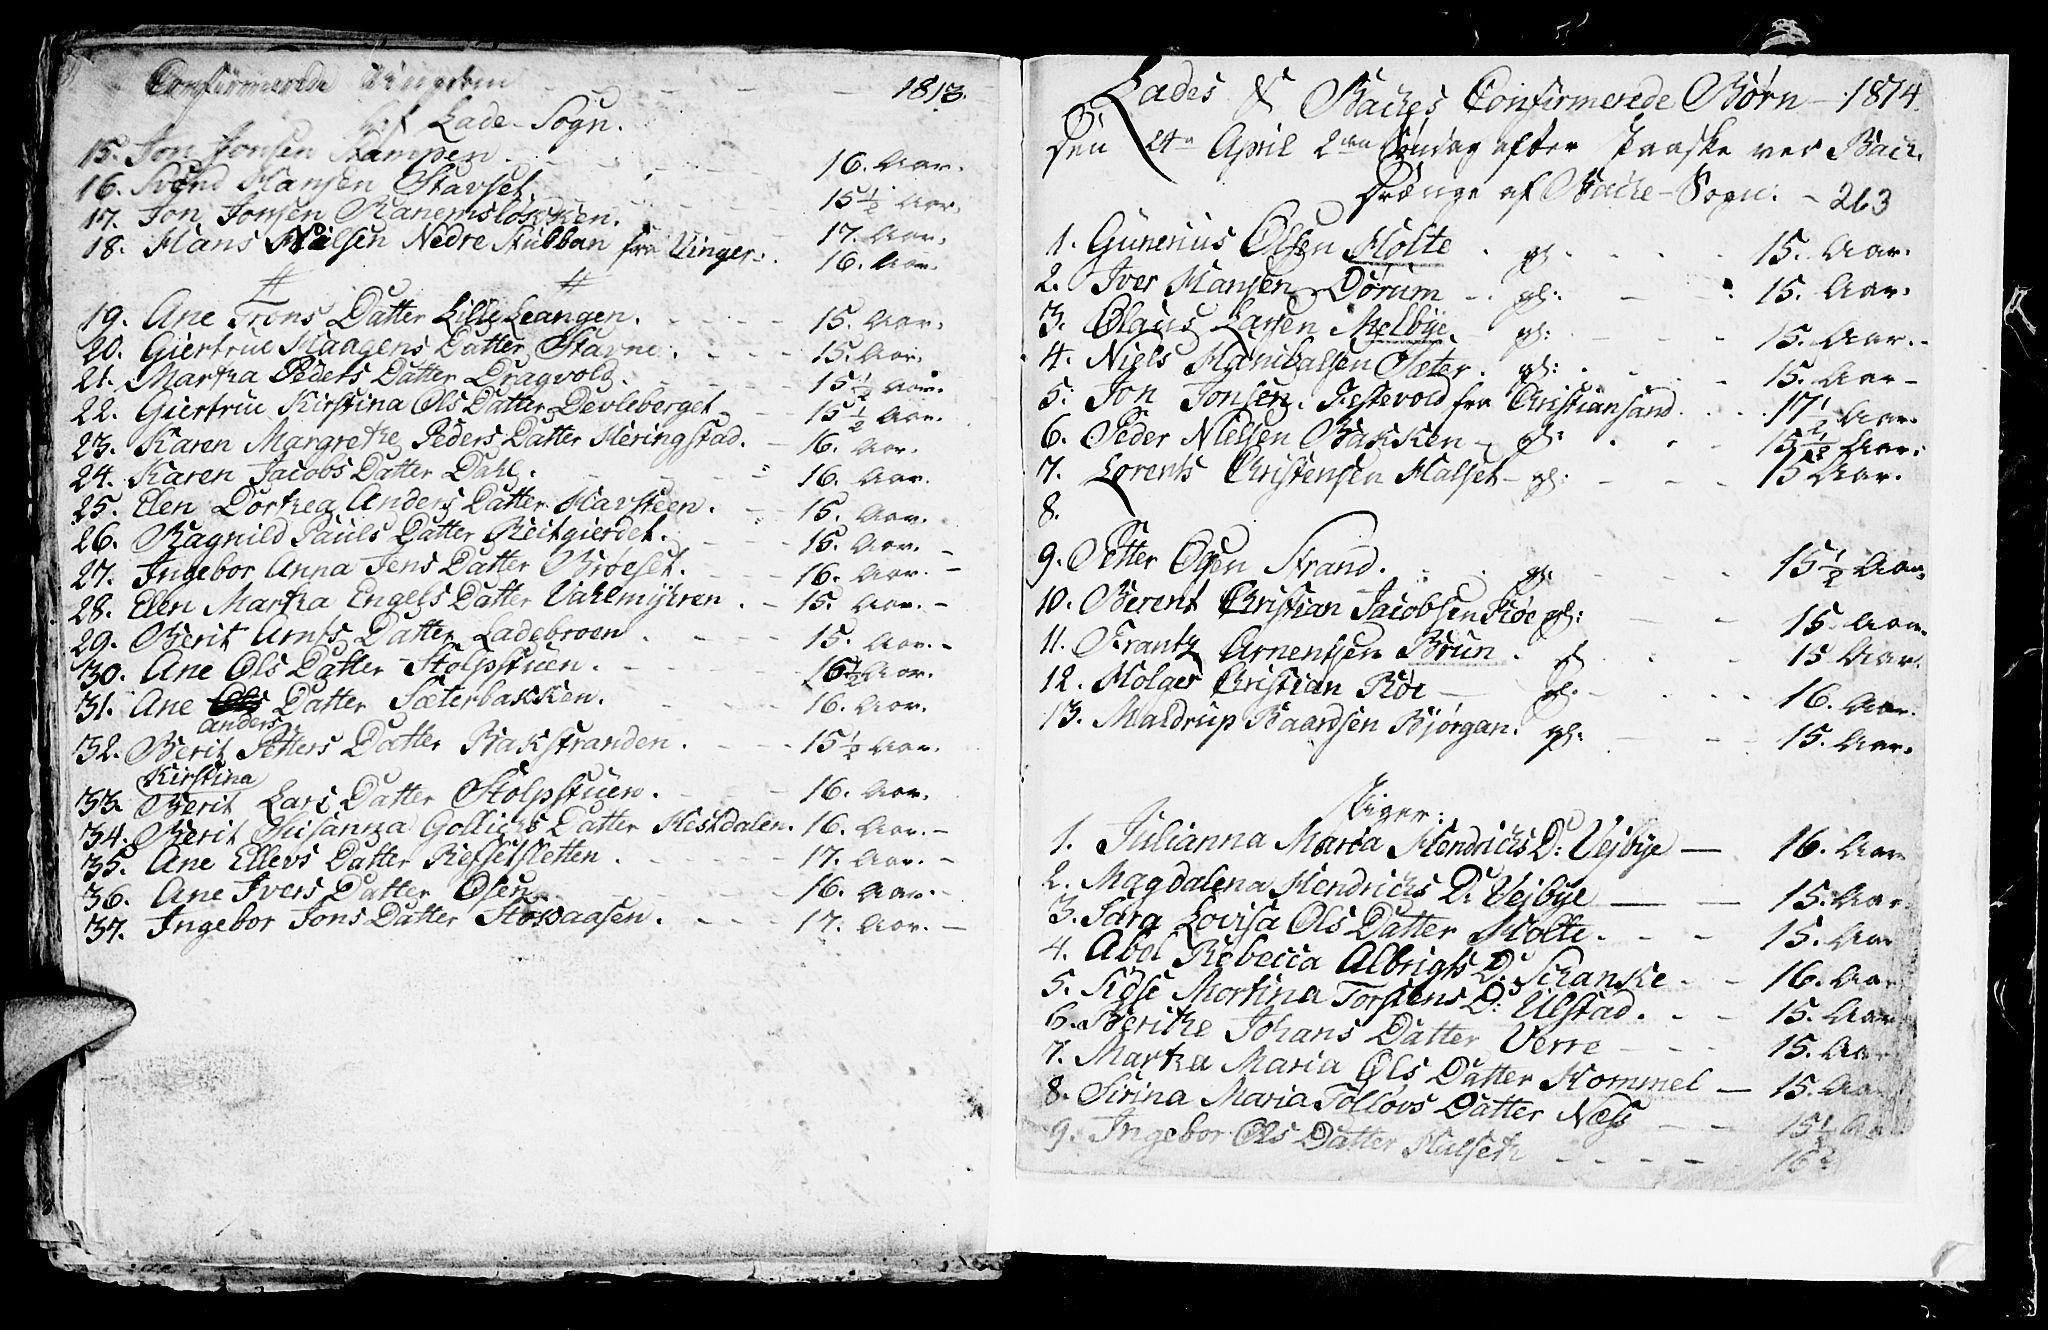 SAT, Ministerialprotokoller, klokkerbøker og fødselsregistre - Sør-Trøndelag, 604/L0218: Klokkerbok nr. 604C01, 1754-1819, s. 263